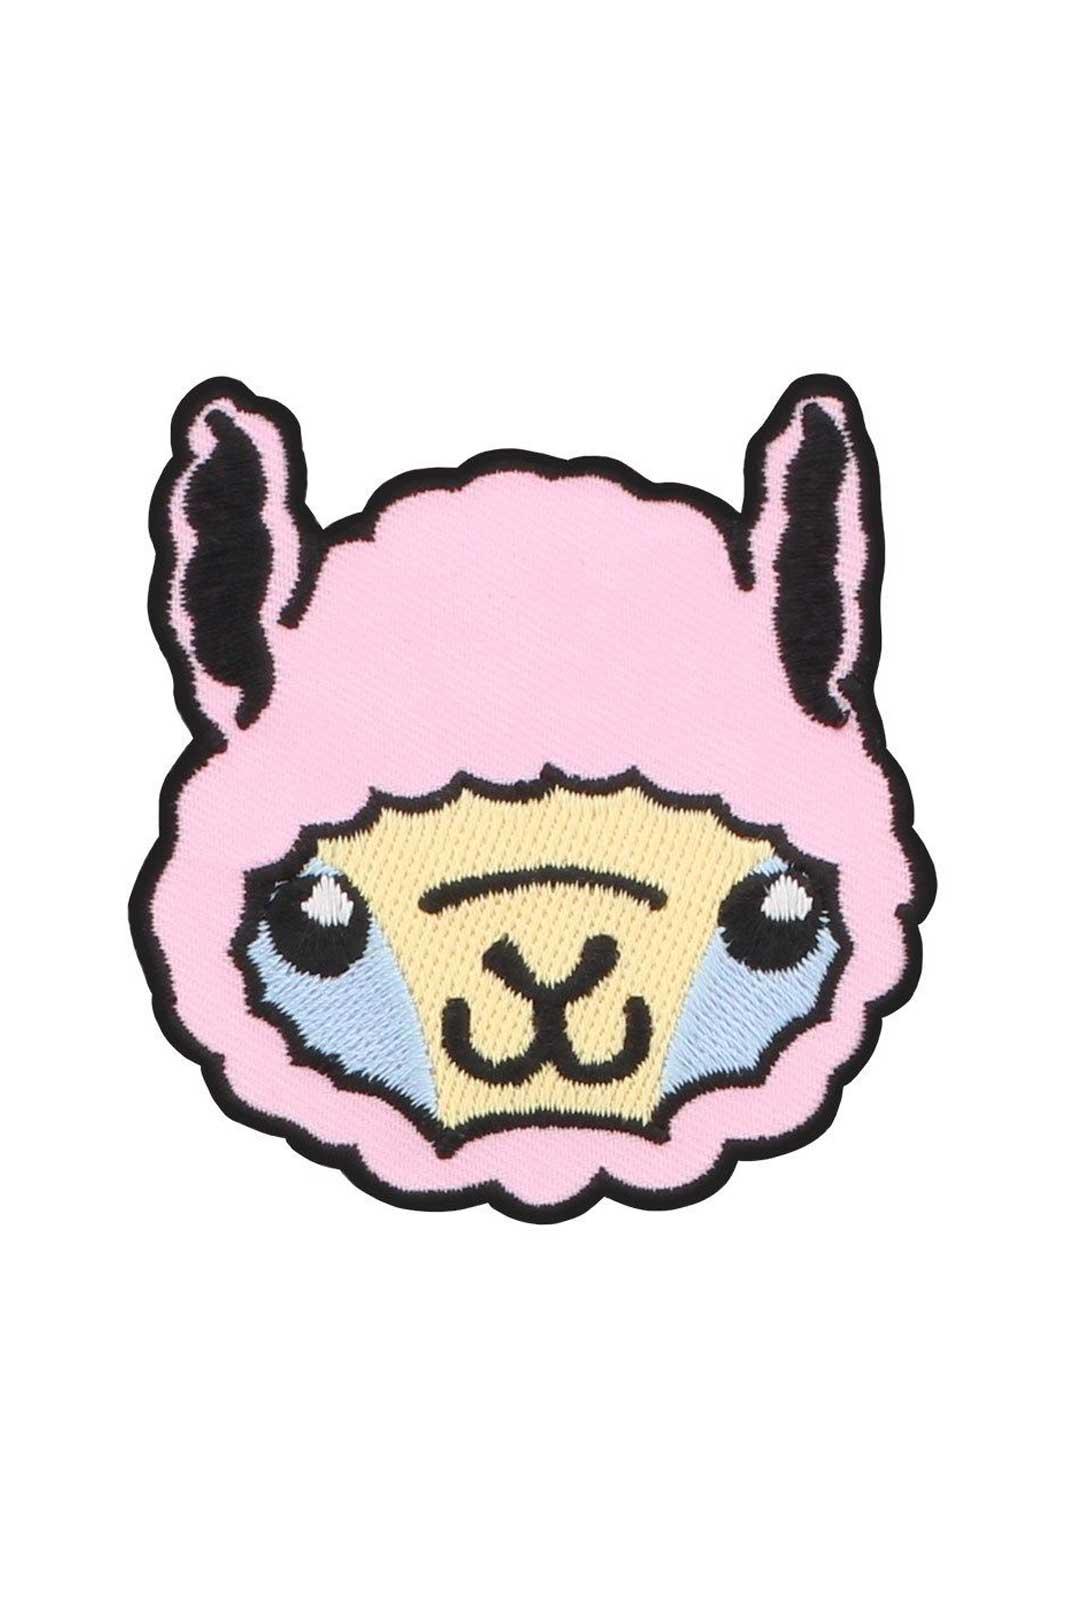 Kawaii Alpaca patch